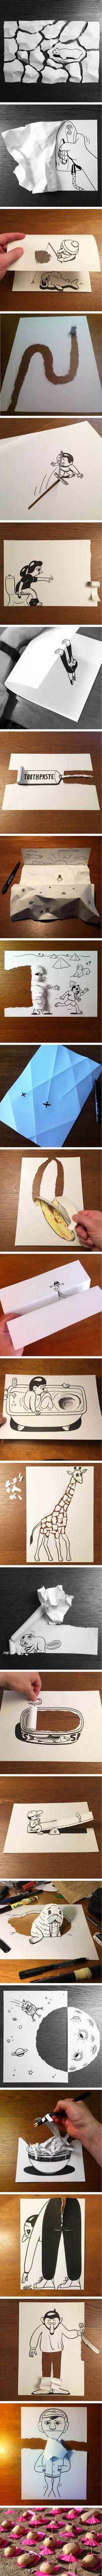 Бумажное волшебство / Бумага и карандаши (скрапбукинг, оригами, и т.д.) / ВТОРАЯ УЛИЦА